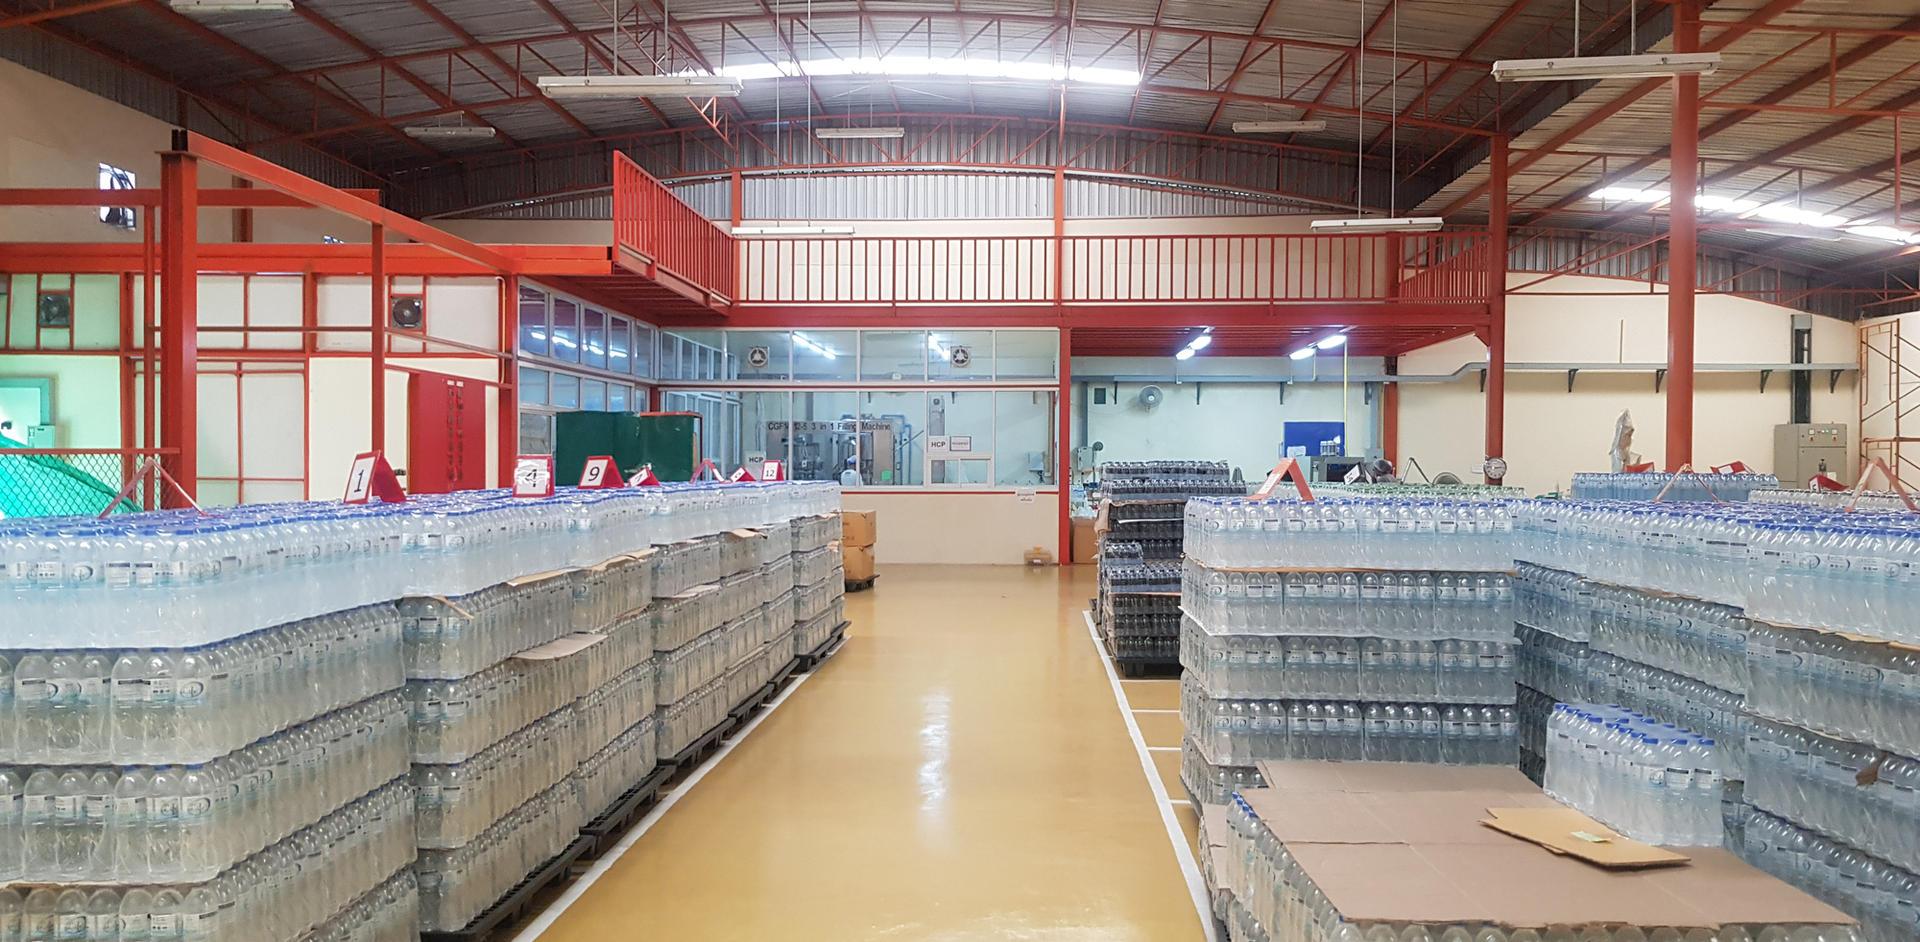 พื้นที่โกดังเก็บสินค้า โรงงานผลิตน้ำดื่ม Lifeplus Water